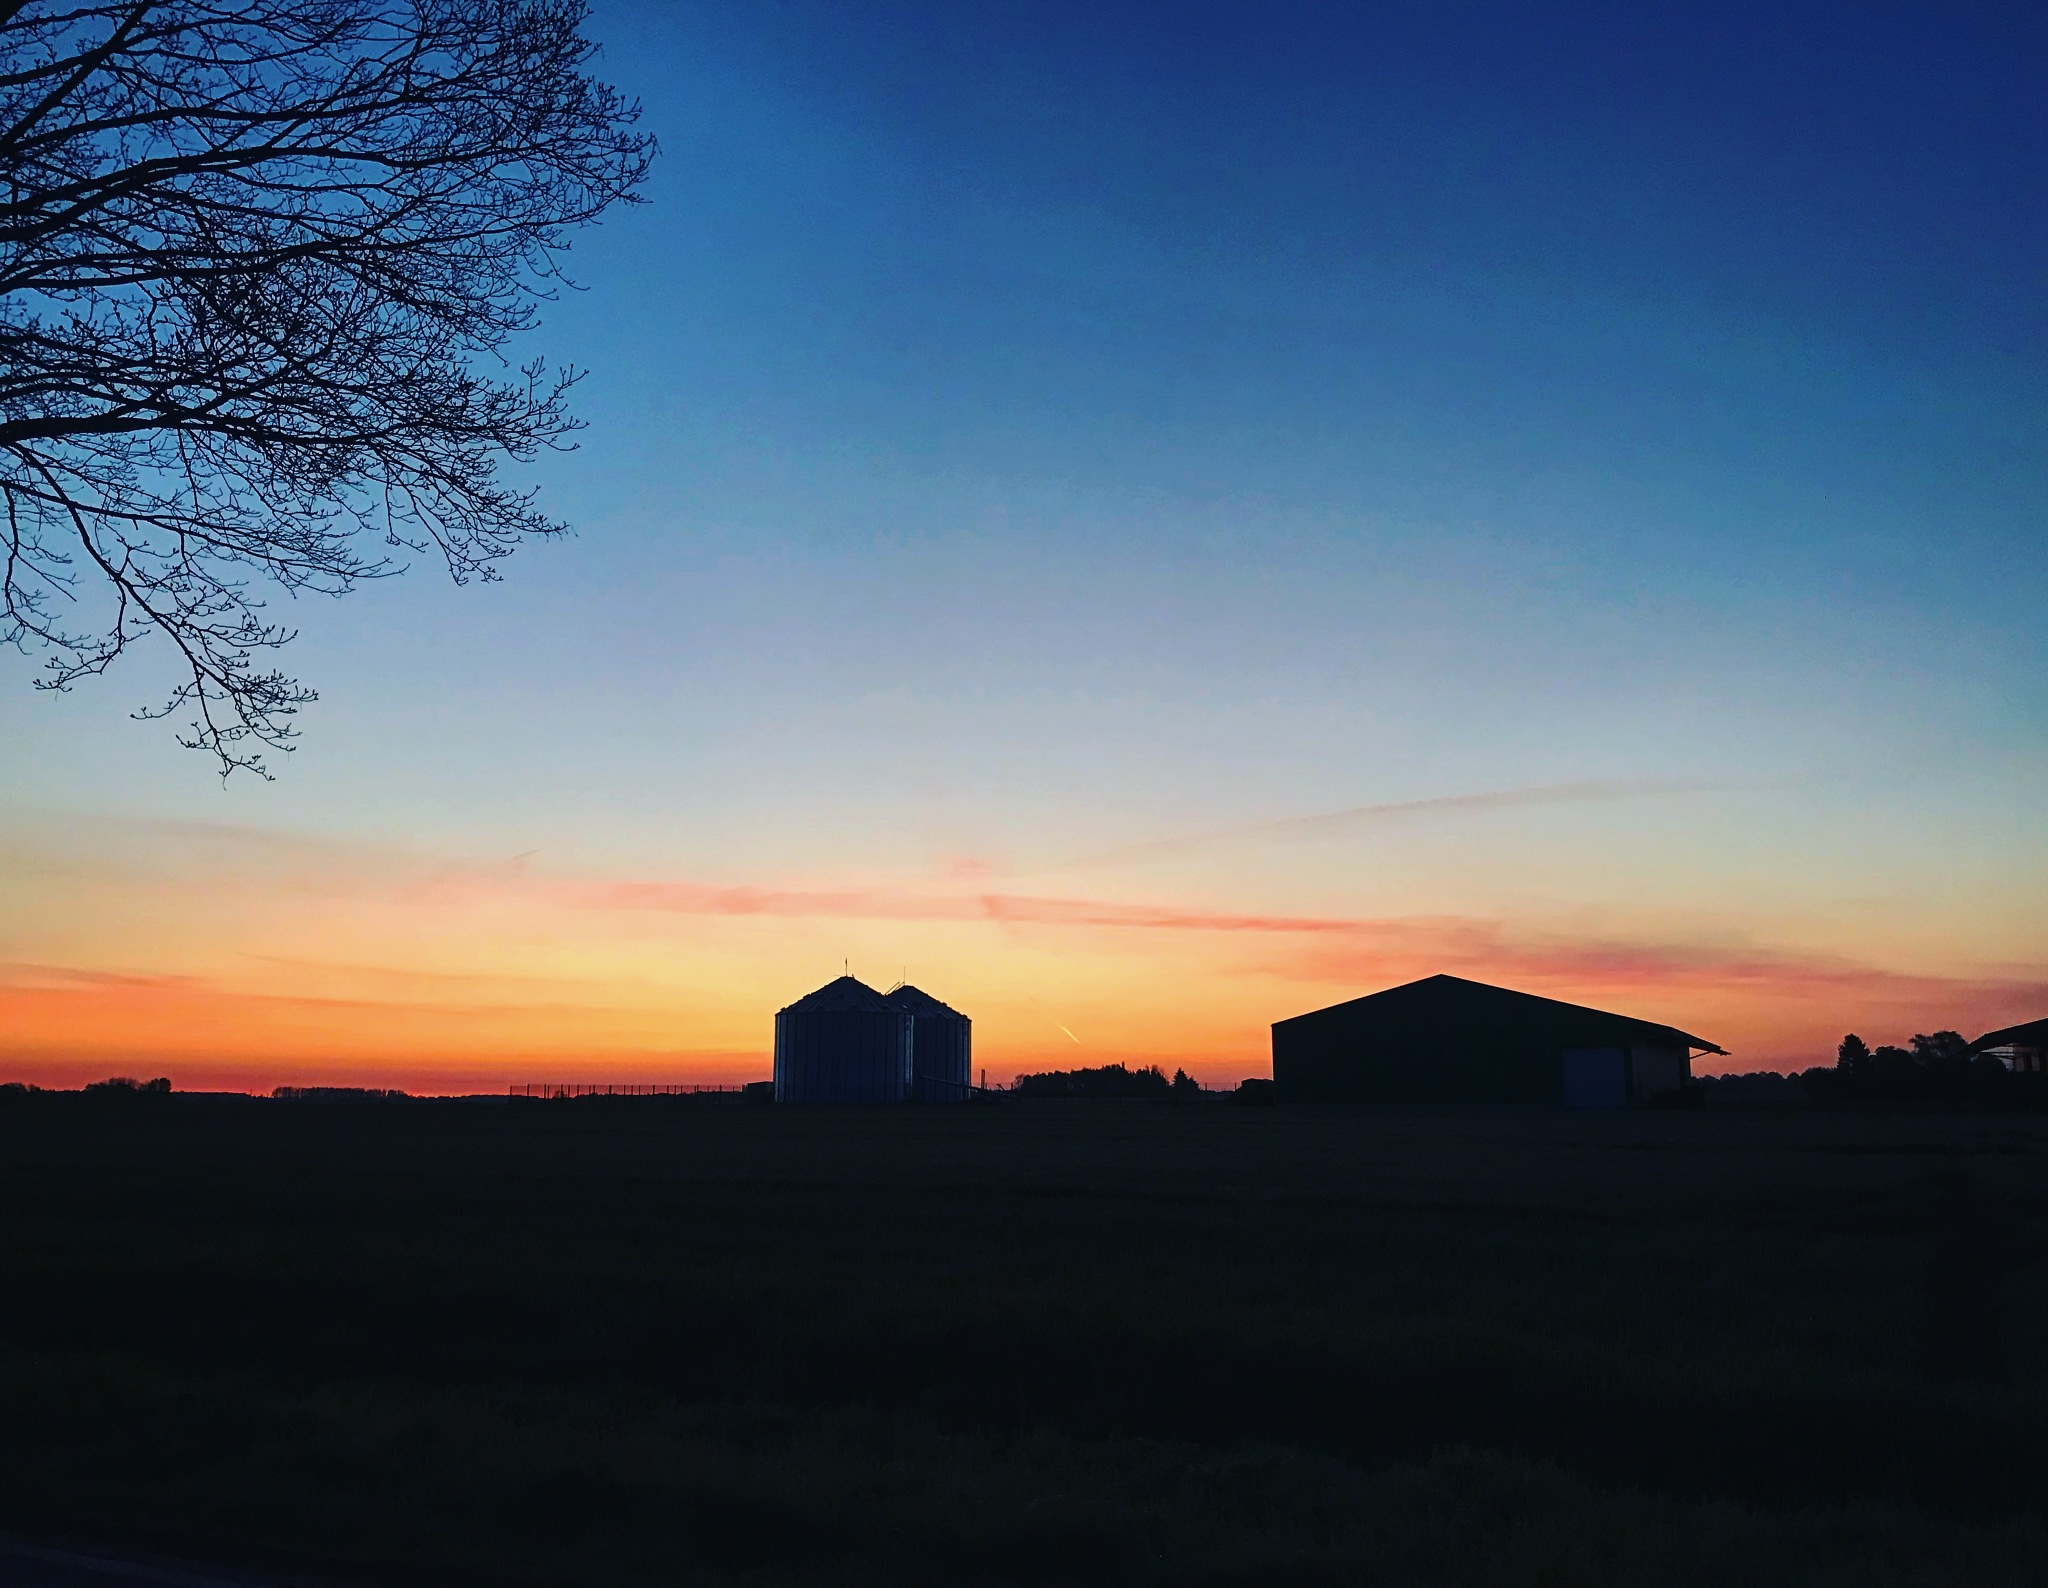 Sunrise in spring  by Timo Respondek